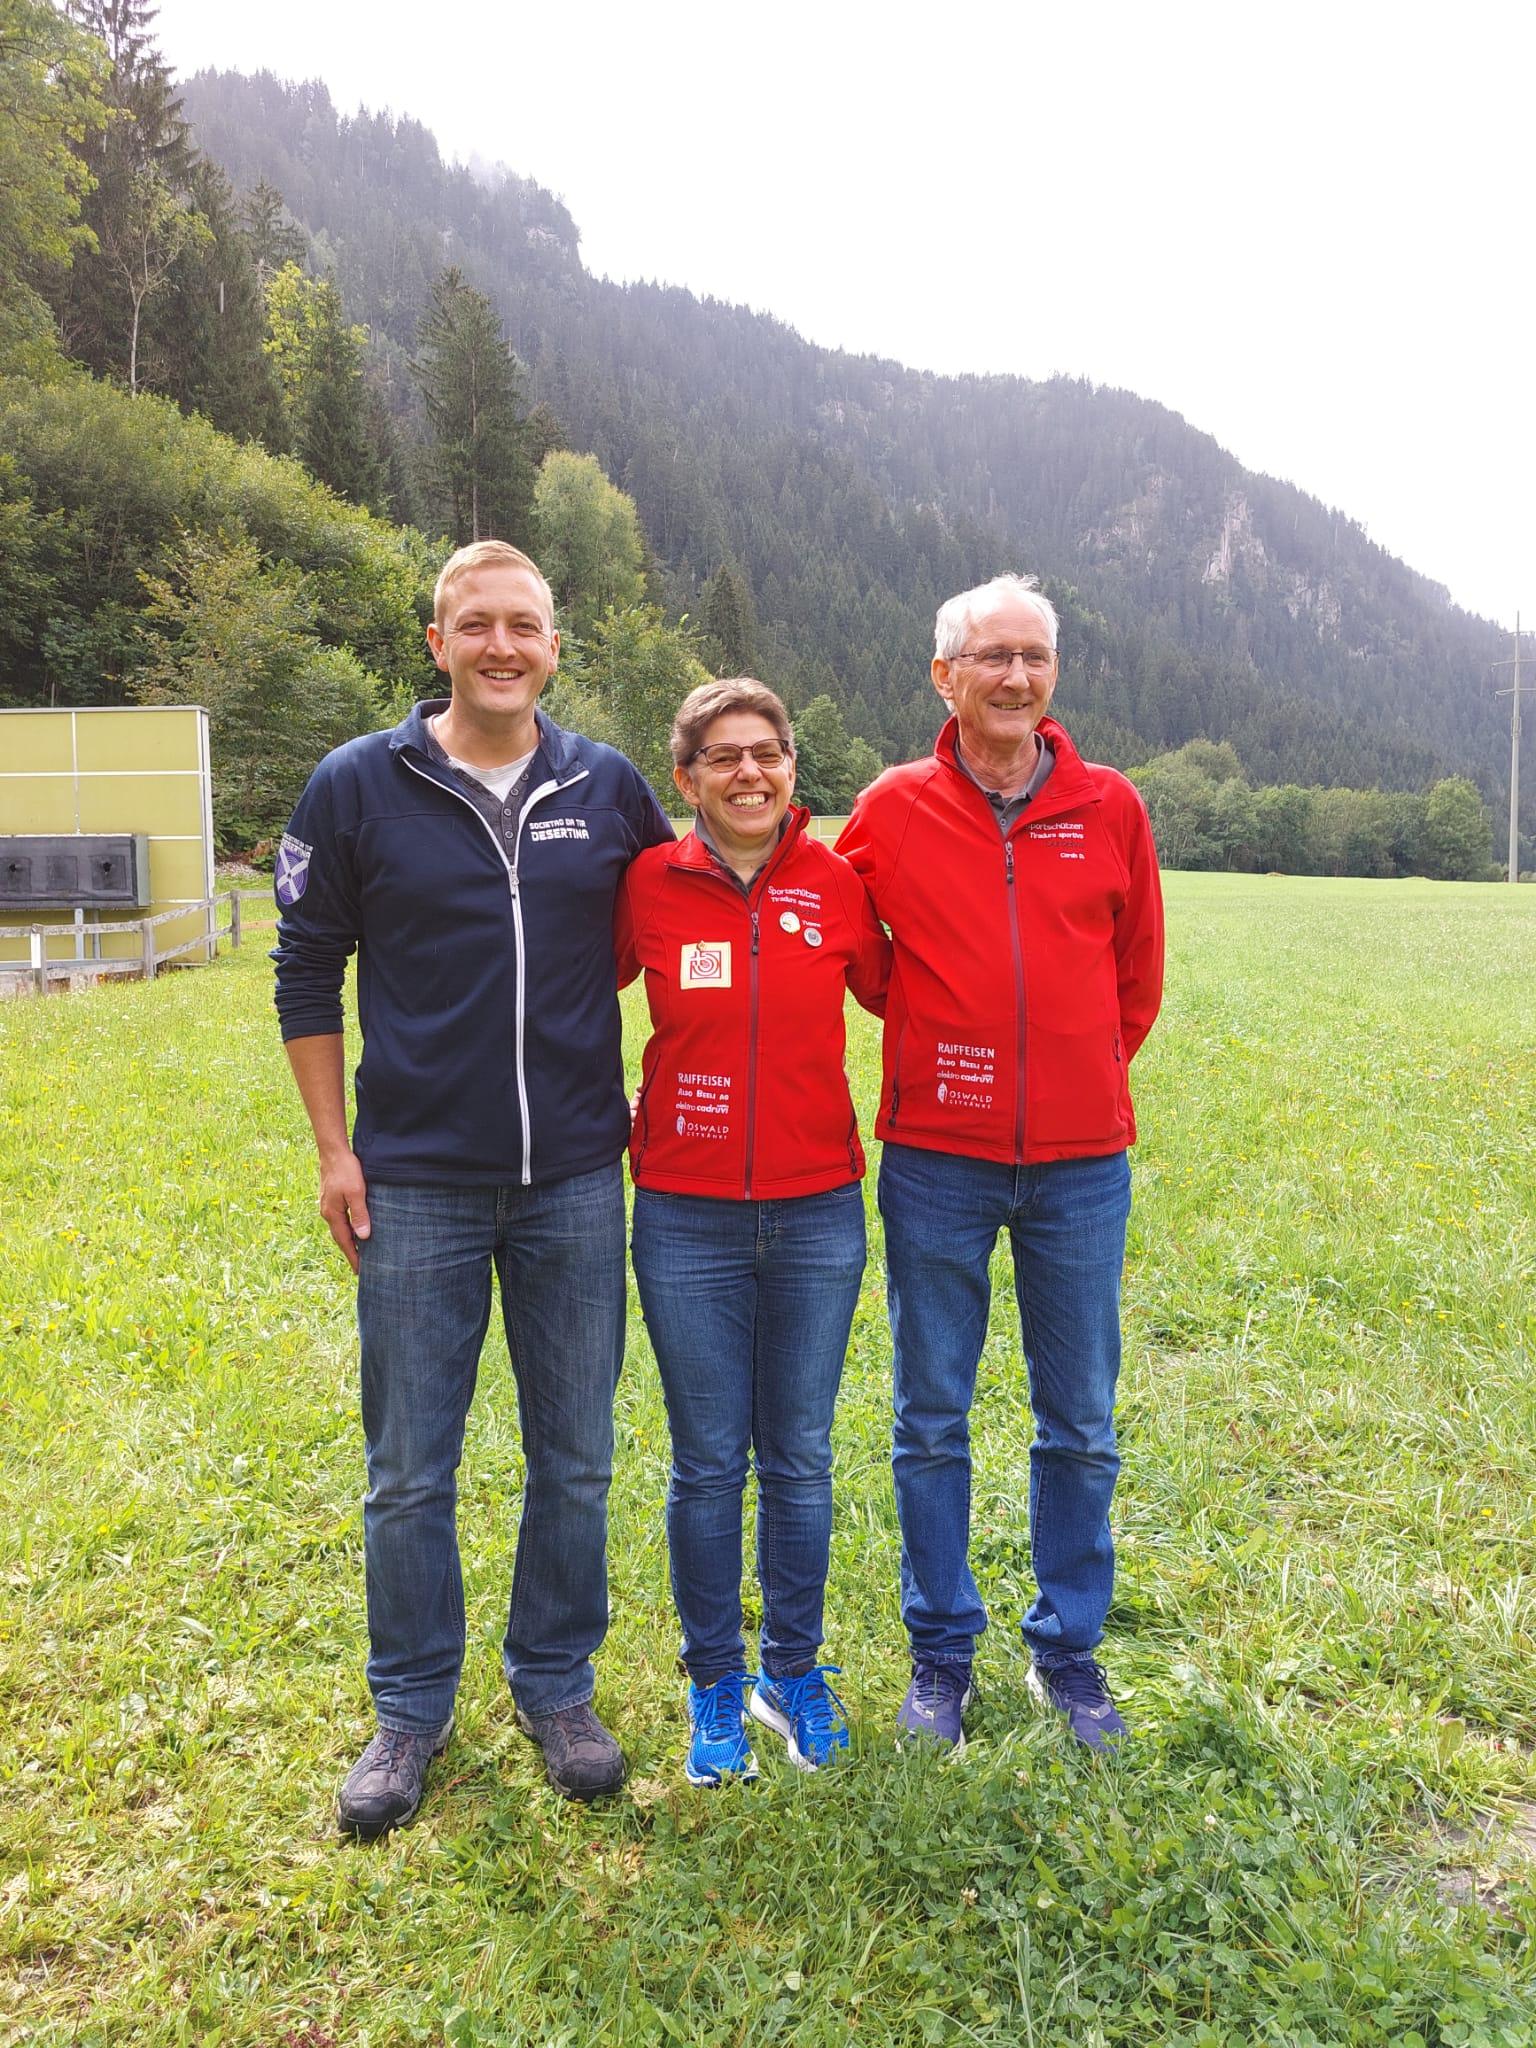 Bezirksmatch Final 2. Flurin Wetzel * 1. Yvonne * 3. Corsin D.